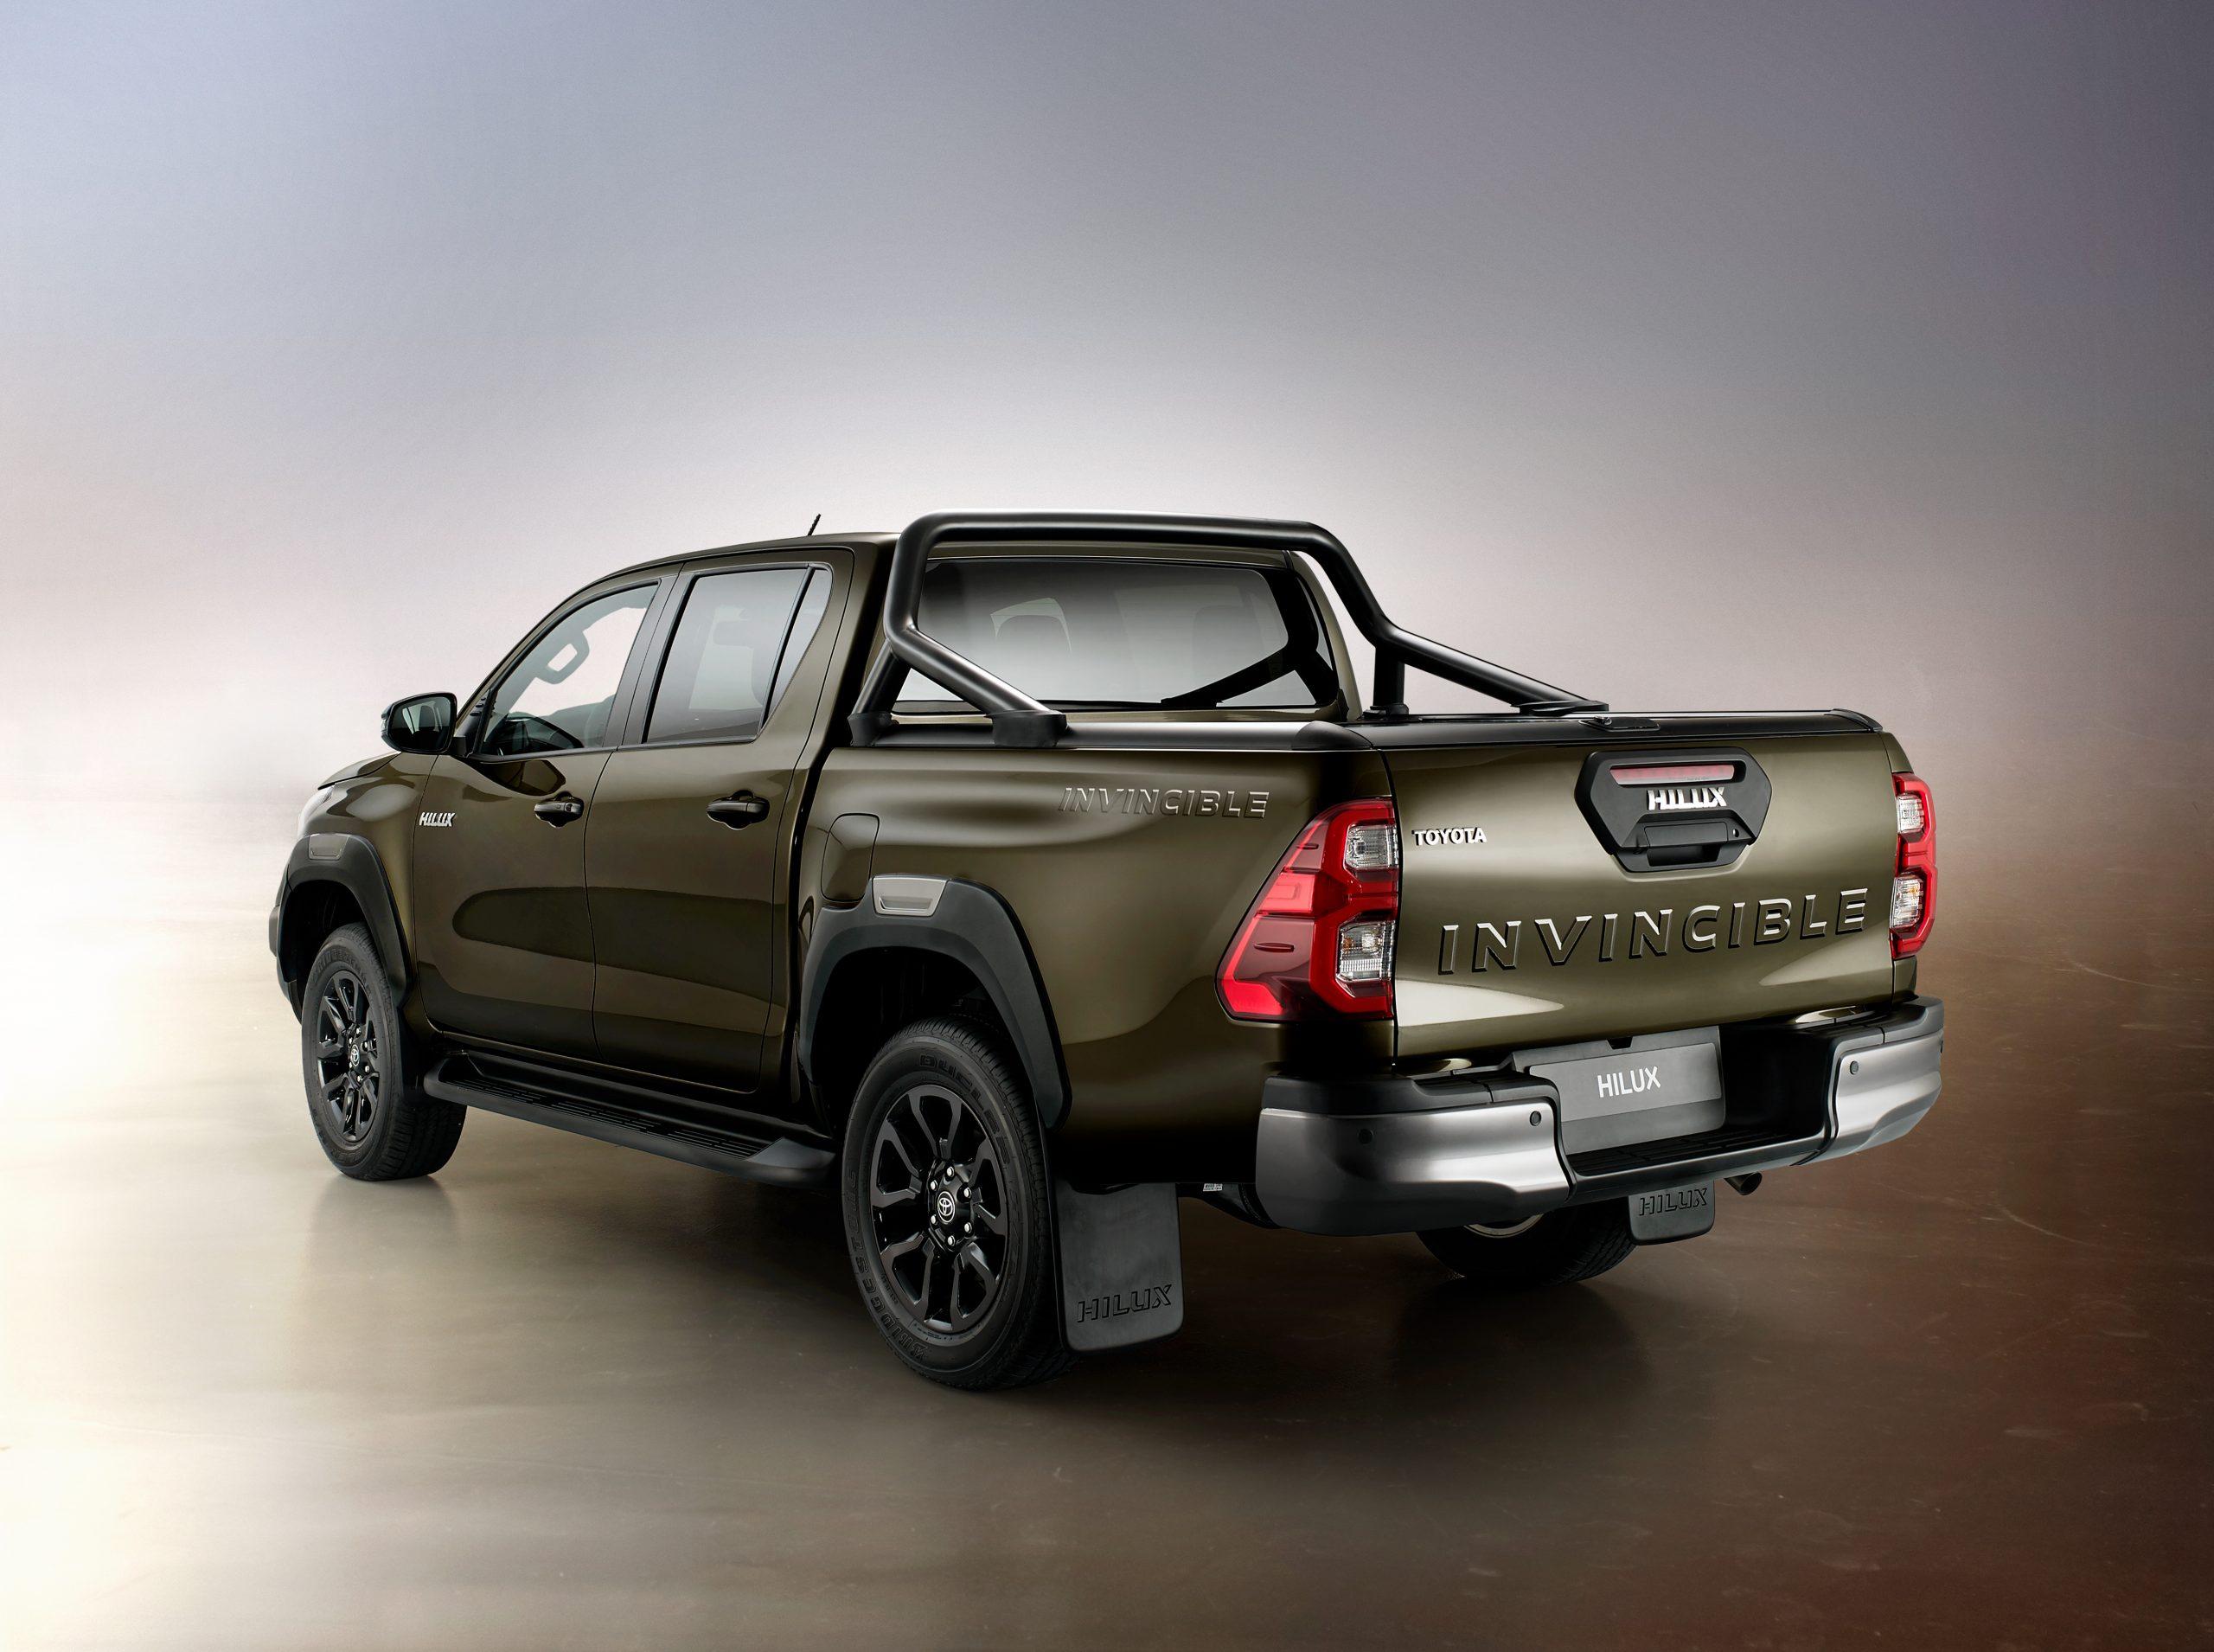 Maggiori prestazioni e stile per il nuovo Toyota Hilux - image hilux3-4back-scaled on http://auto.motori.net